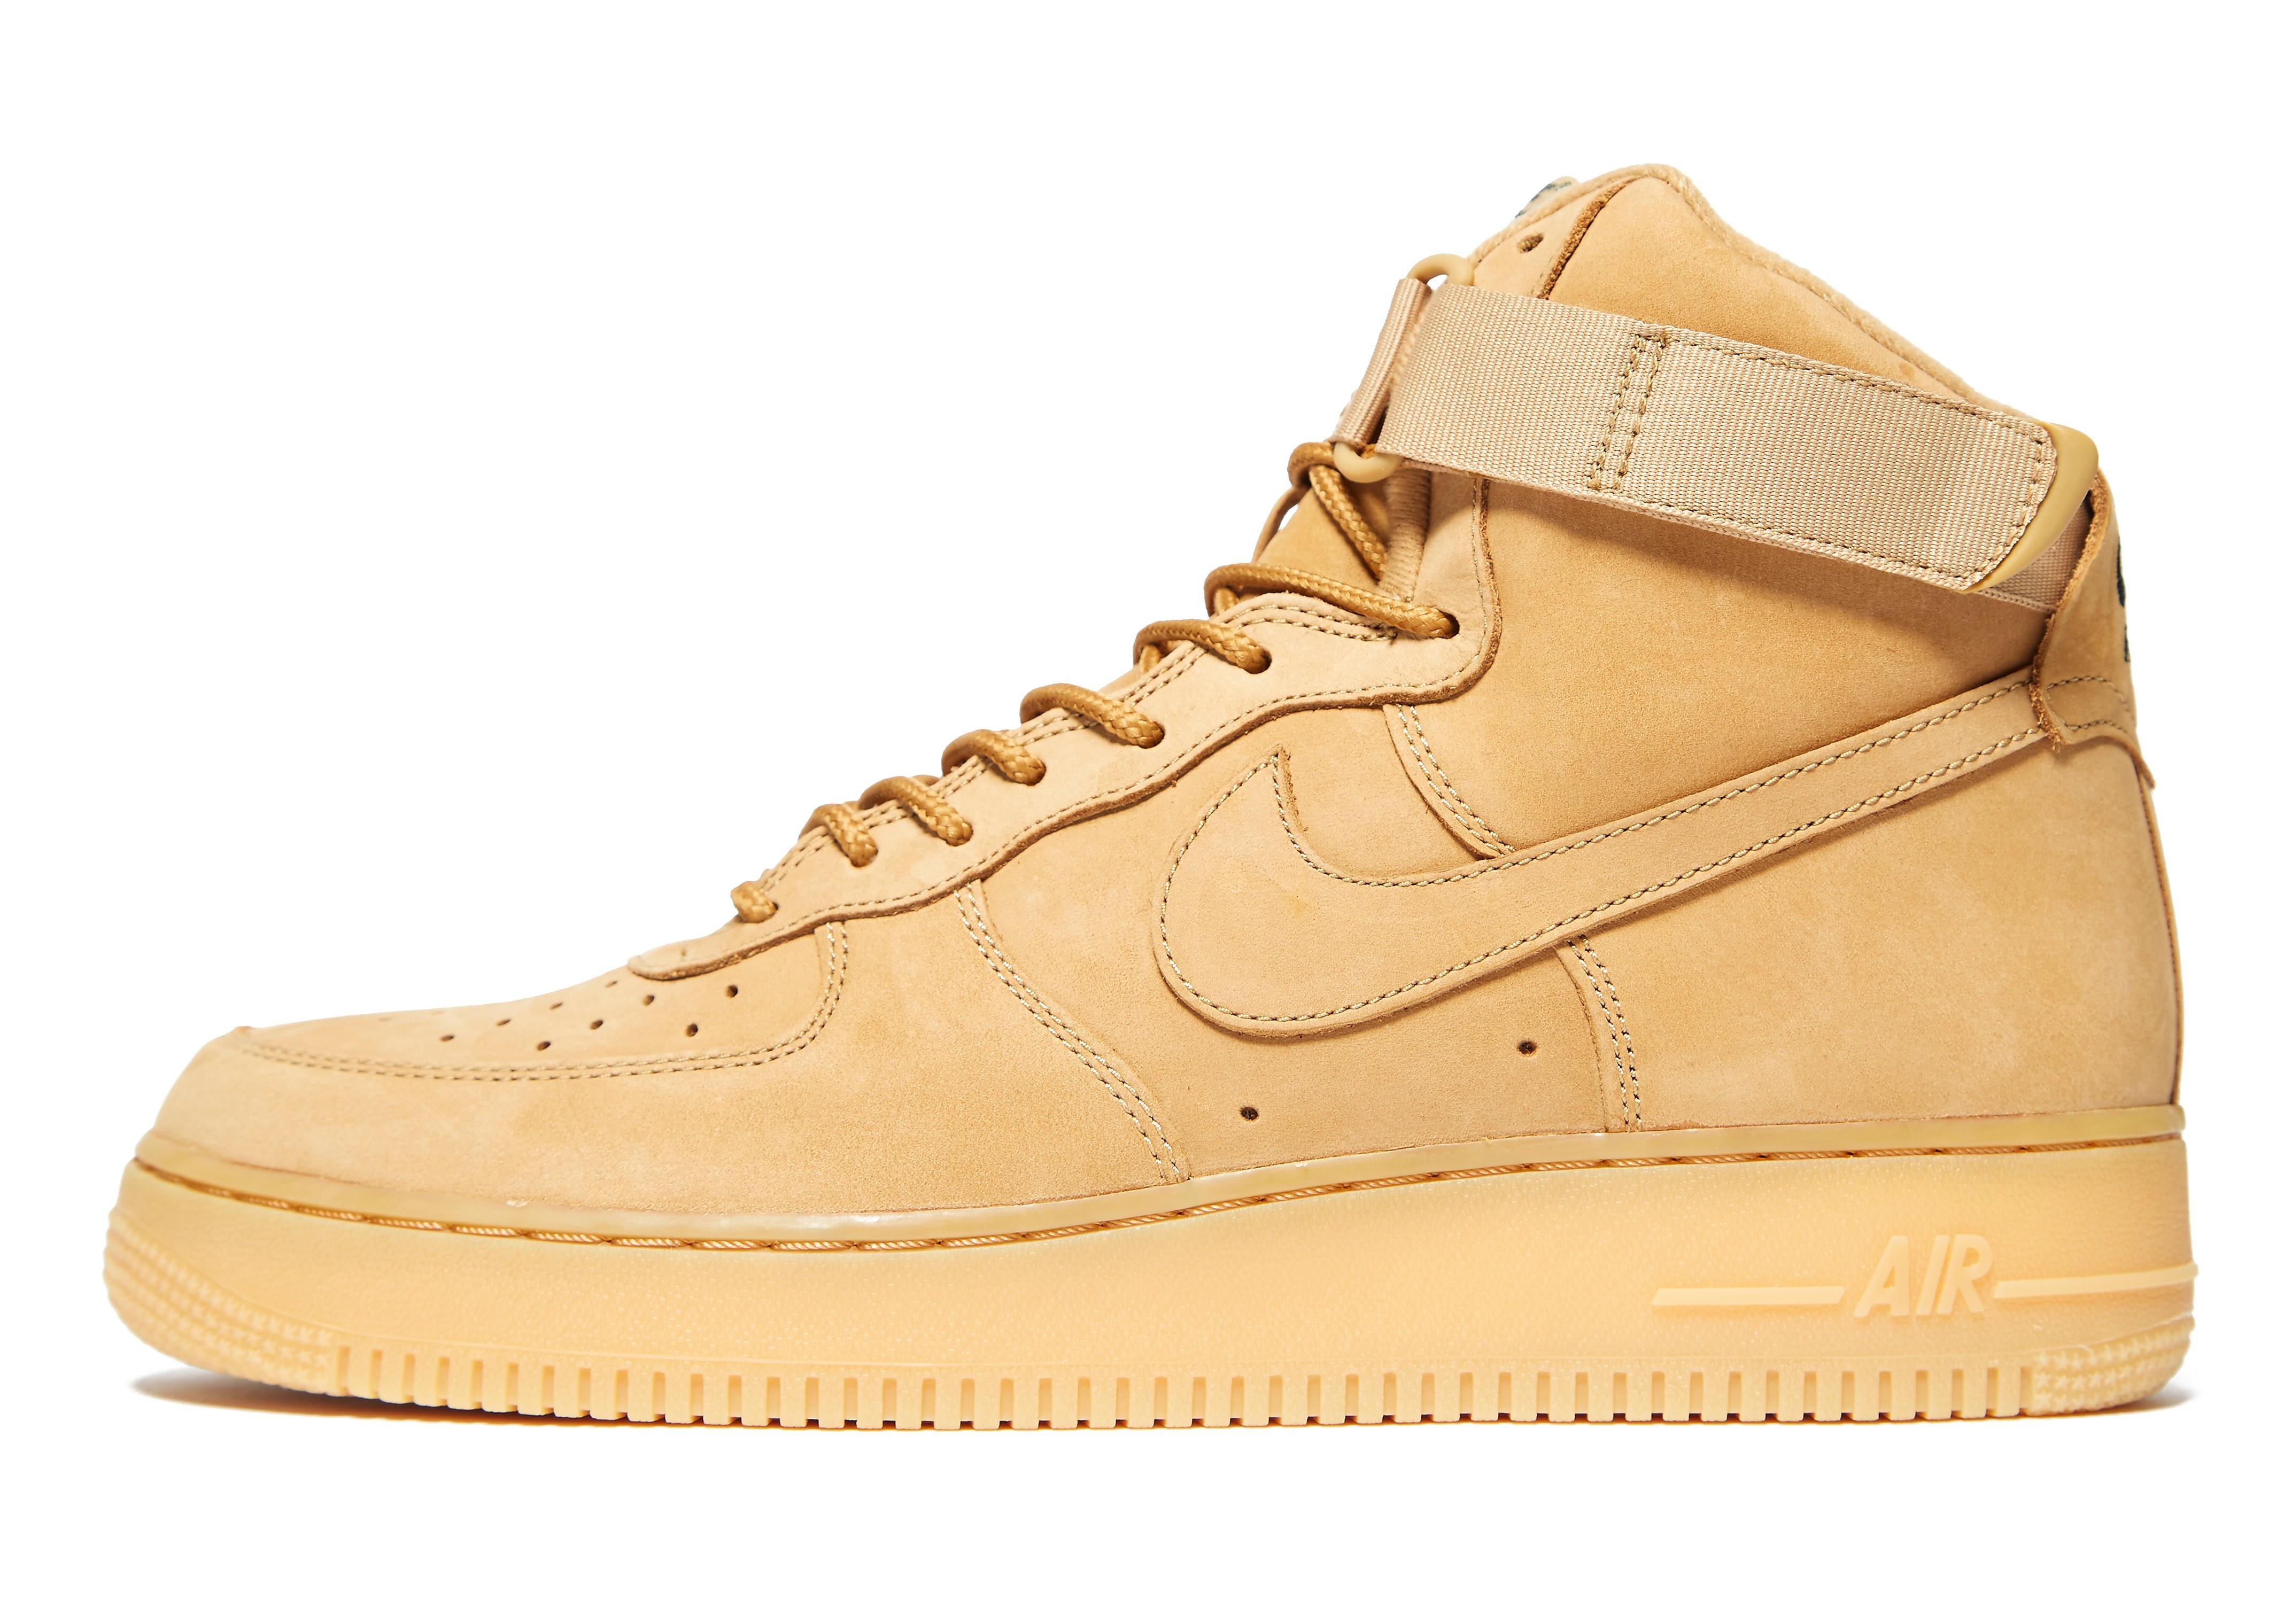 Nike Air Force 1 High 'Flax'